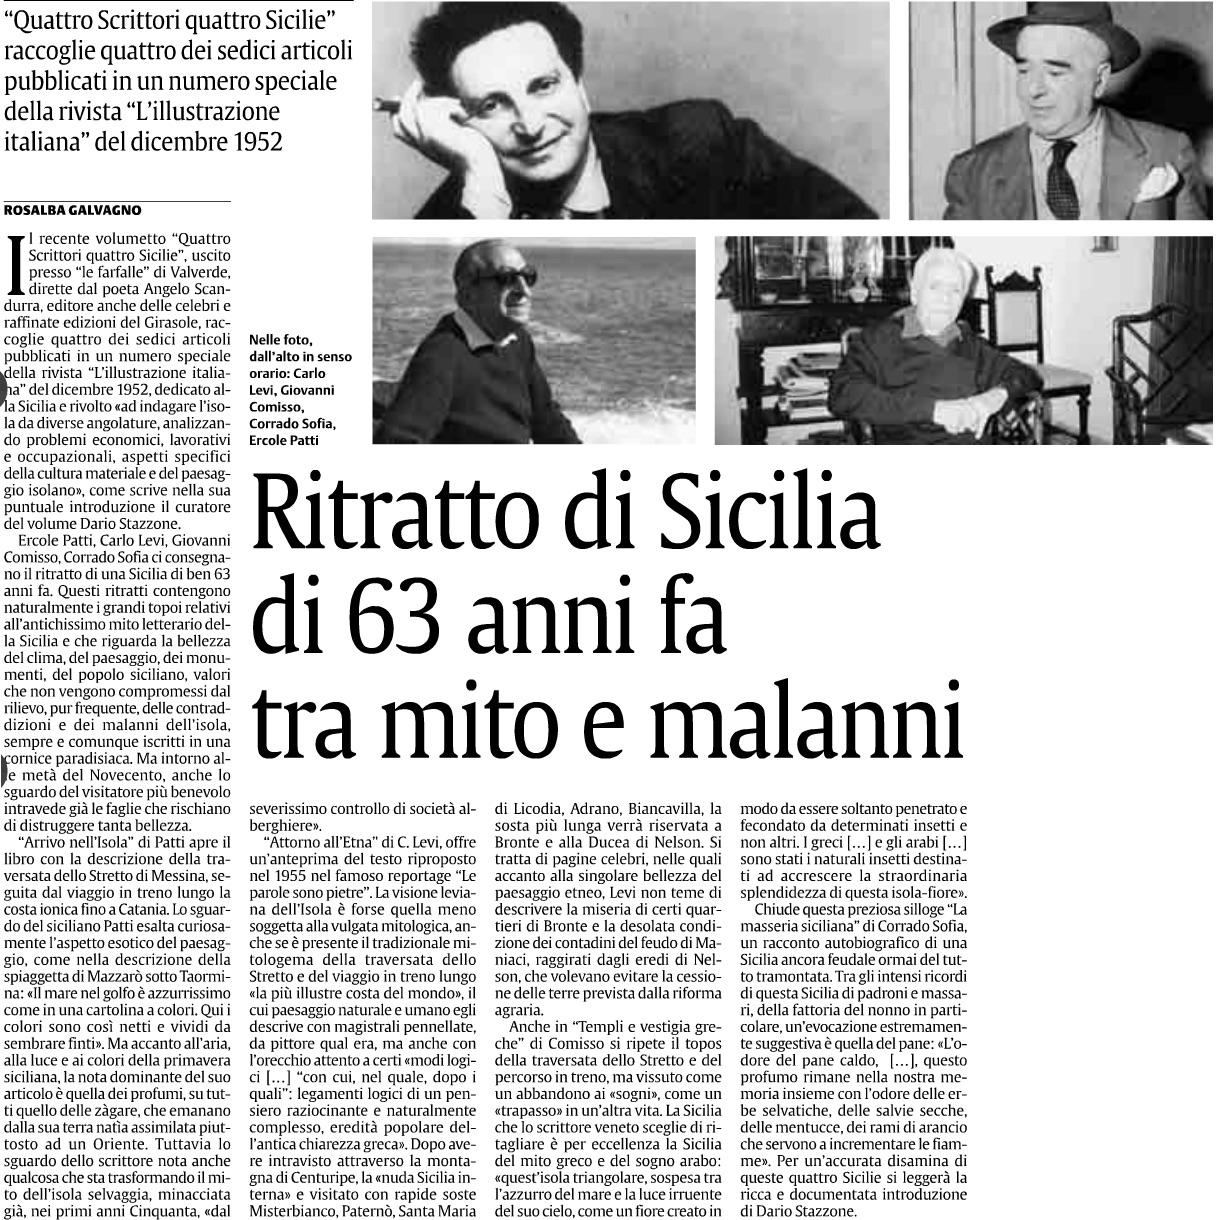 Ritratto di Sicilia di 63 anni fa tra mito e malanni